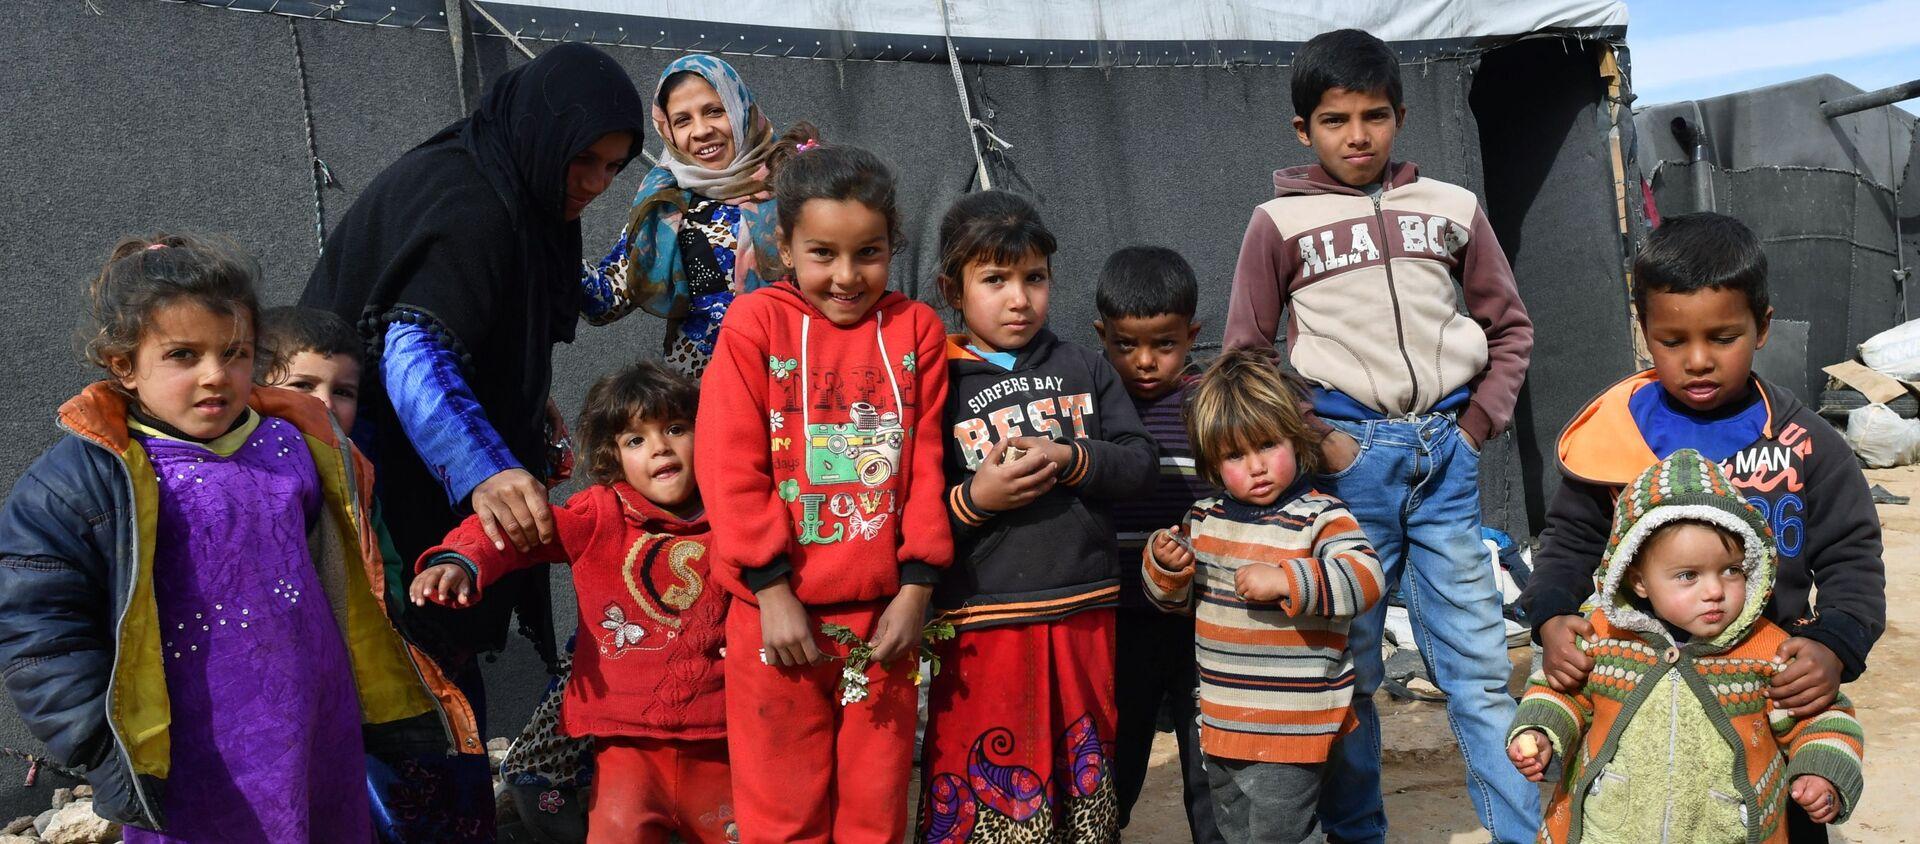 Dzieci w Homsie, Syria - Sputnik Polska, 1920, 25.02.2021